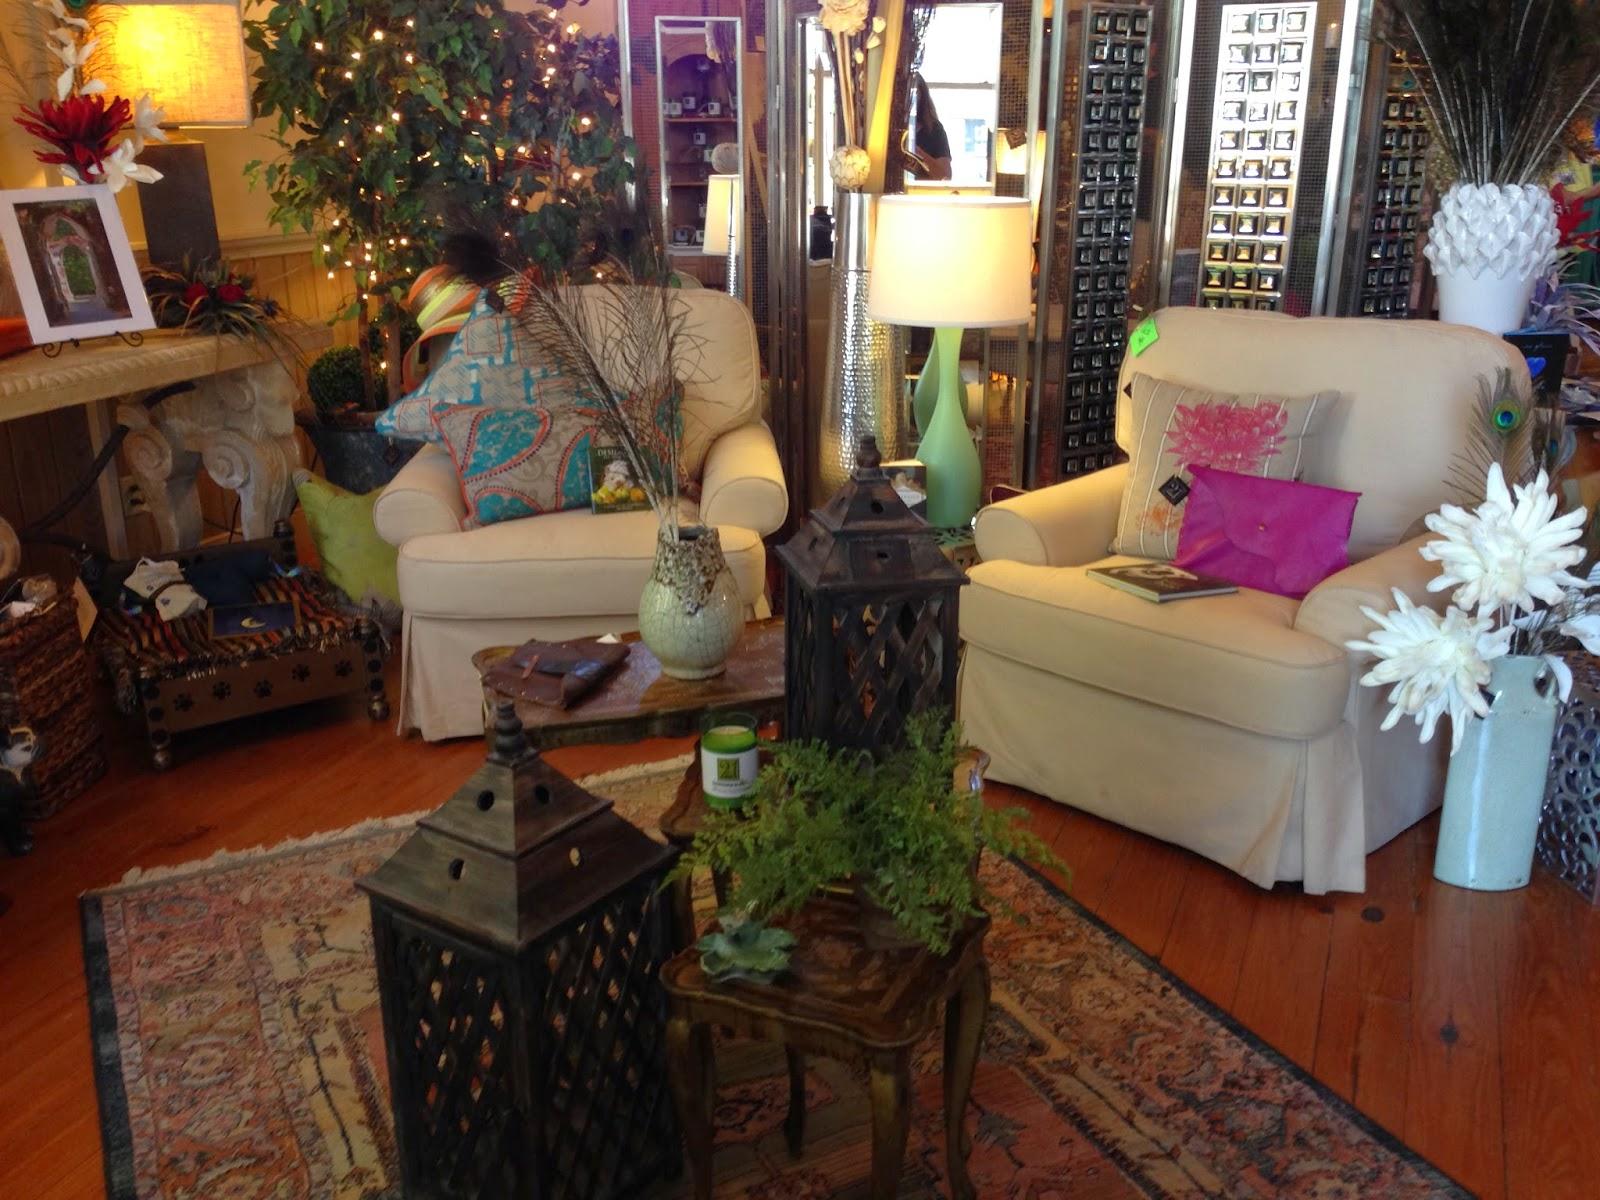 furniture at 21 Main, Salado TX